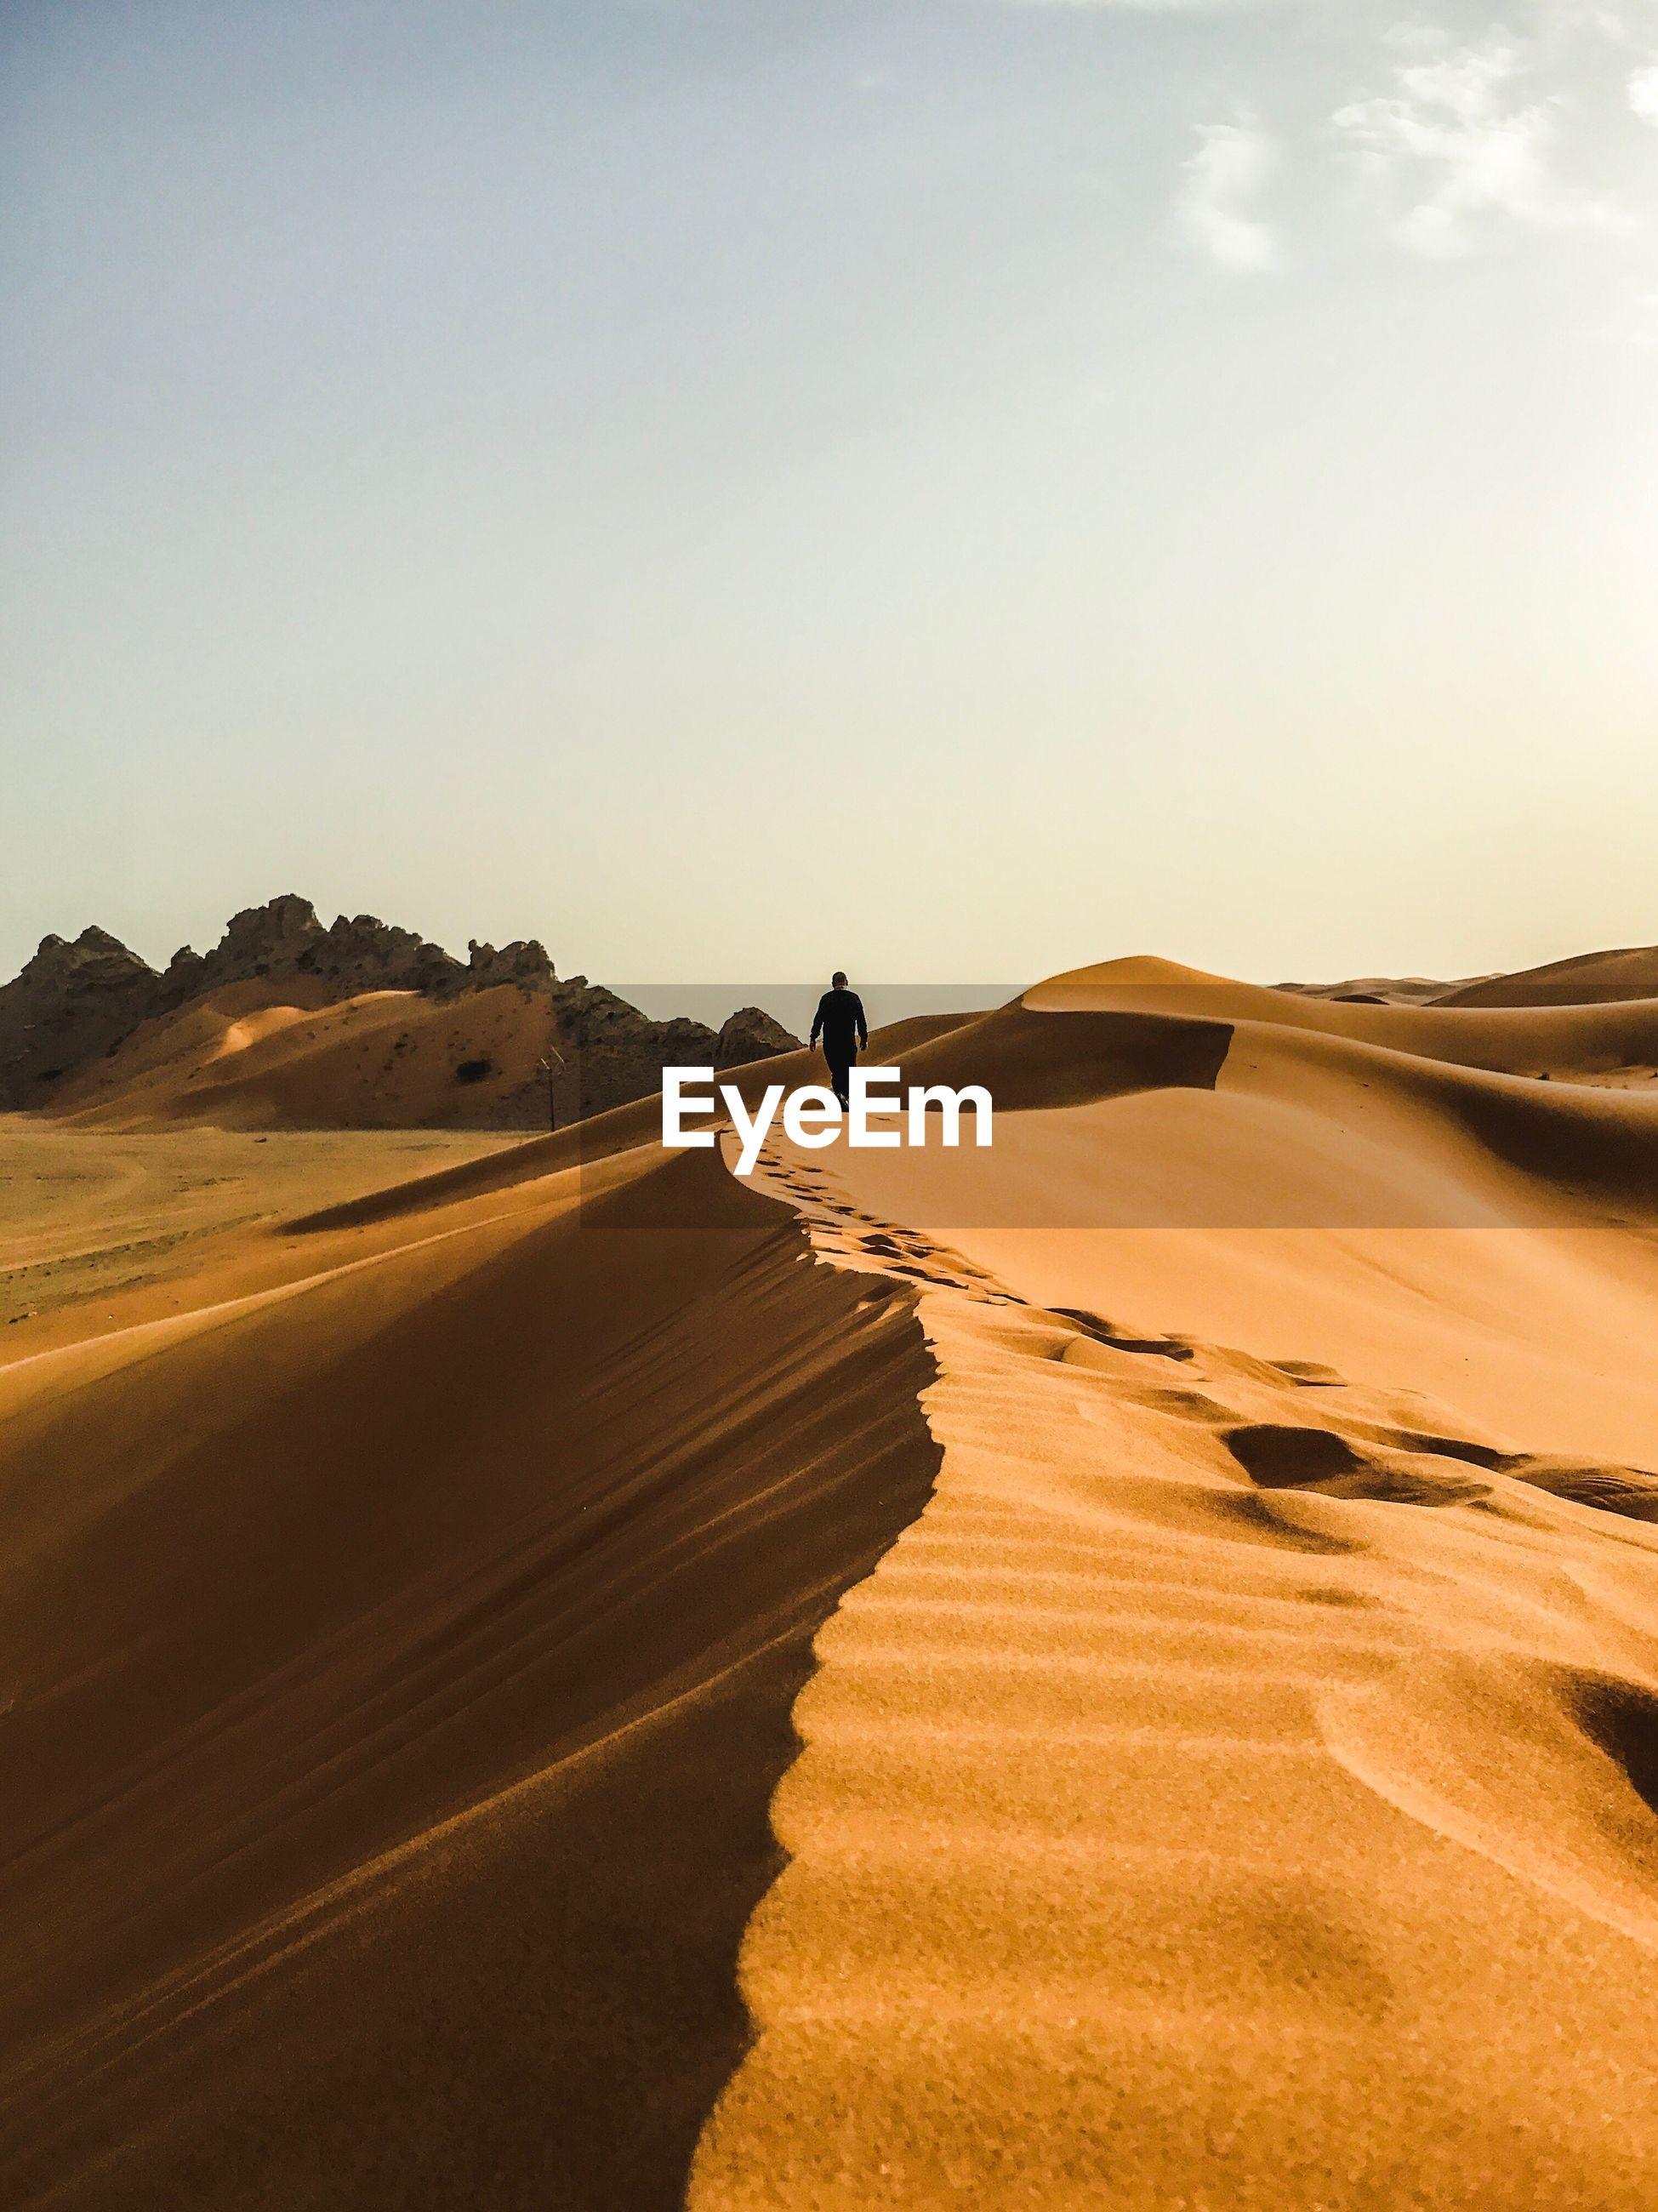 Man walking on desert against clear sky